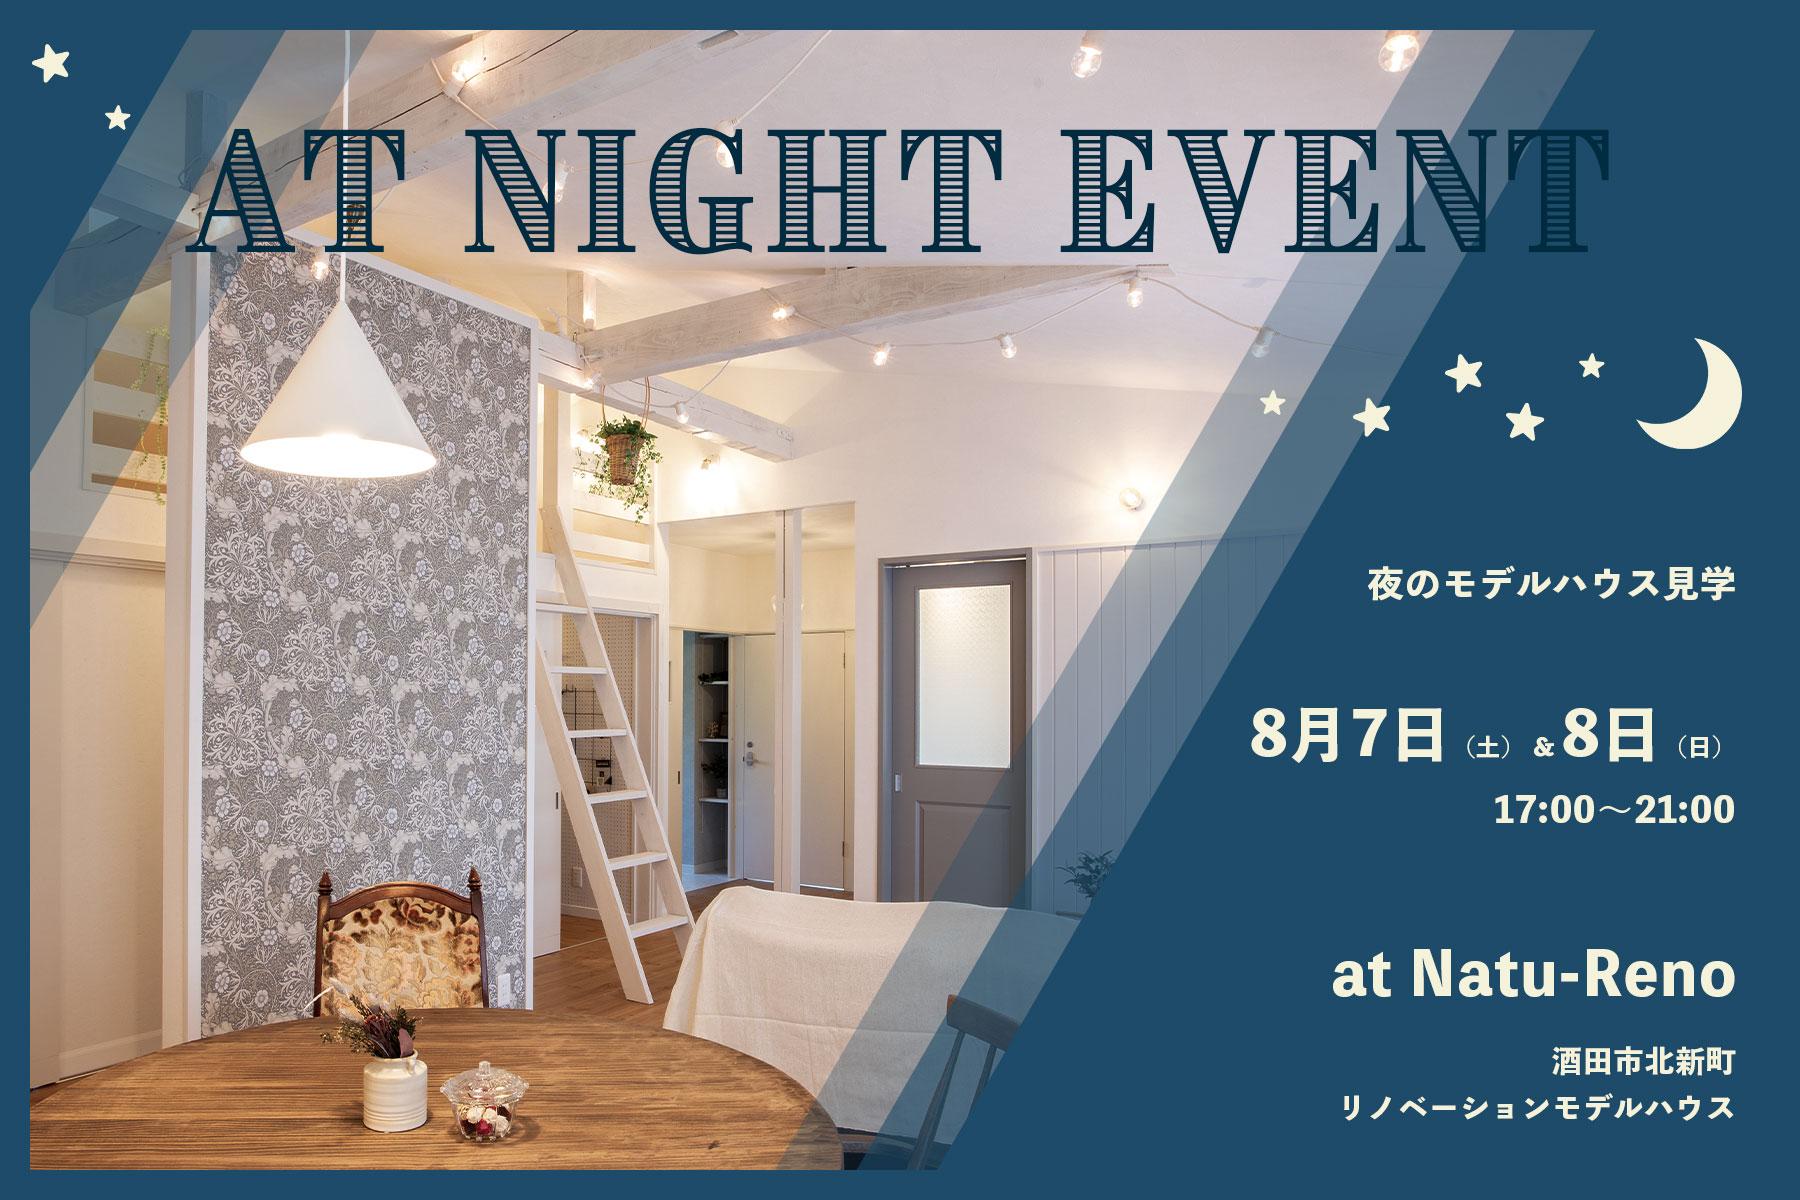 リノベーションモデルハウスの夜の見学イベント